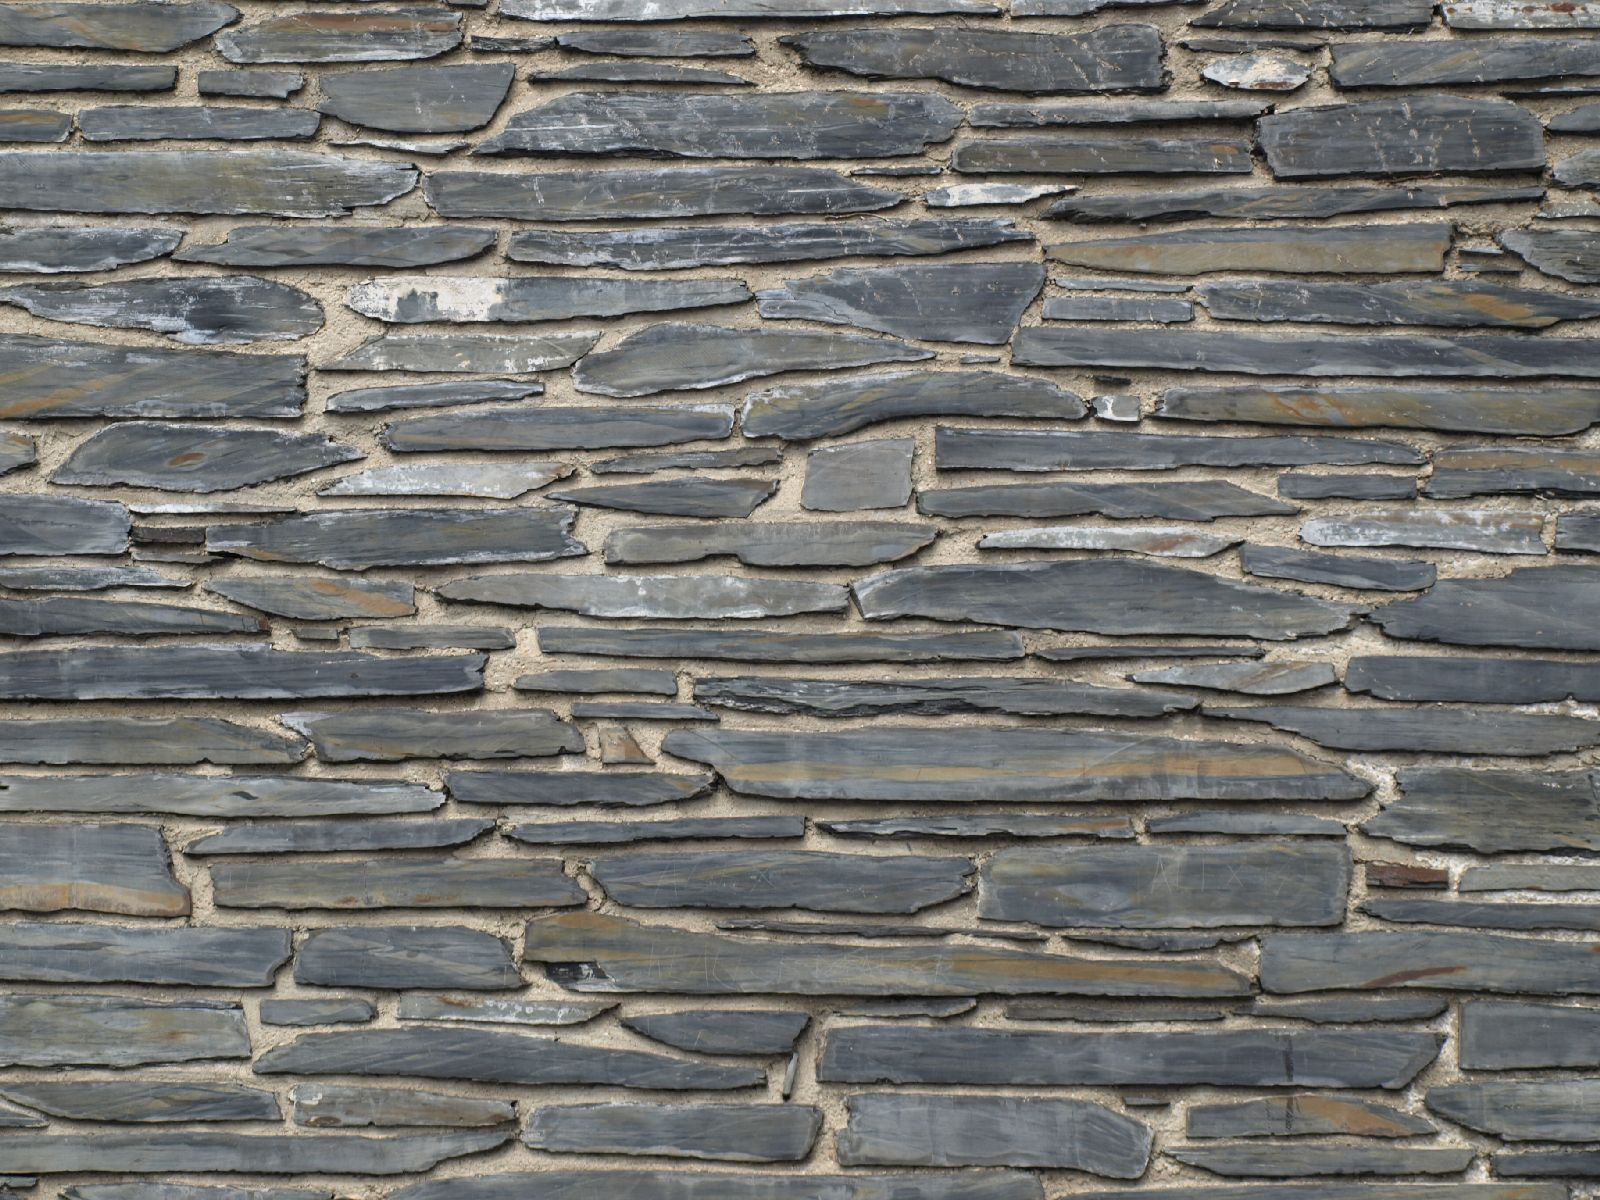 Wand-Bruchstein_Textur_A_P6036182